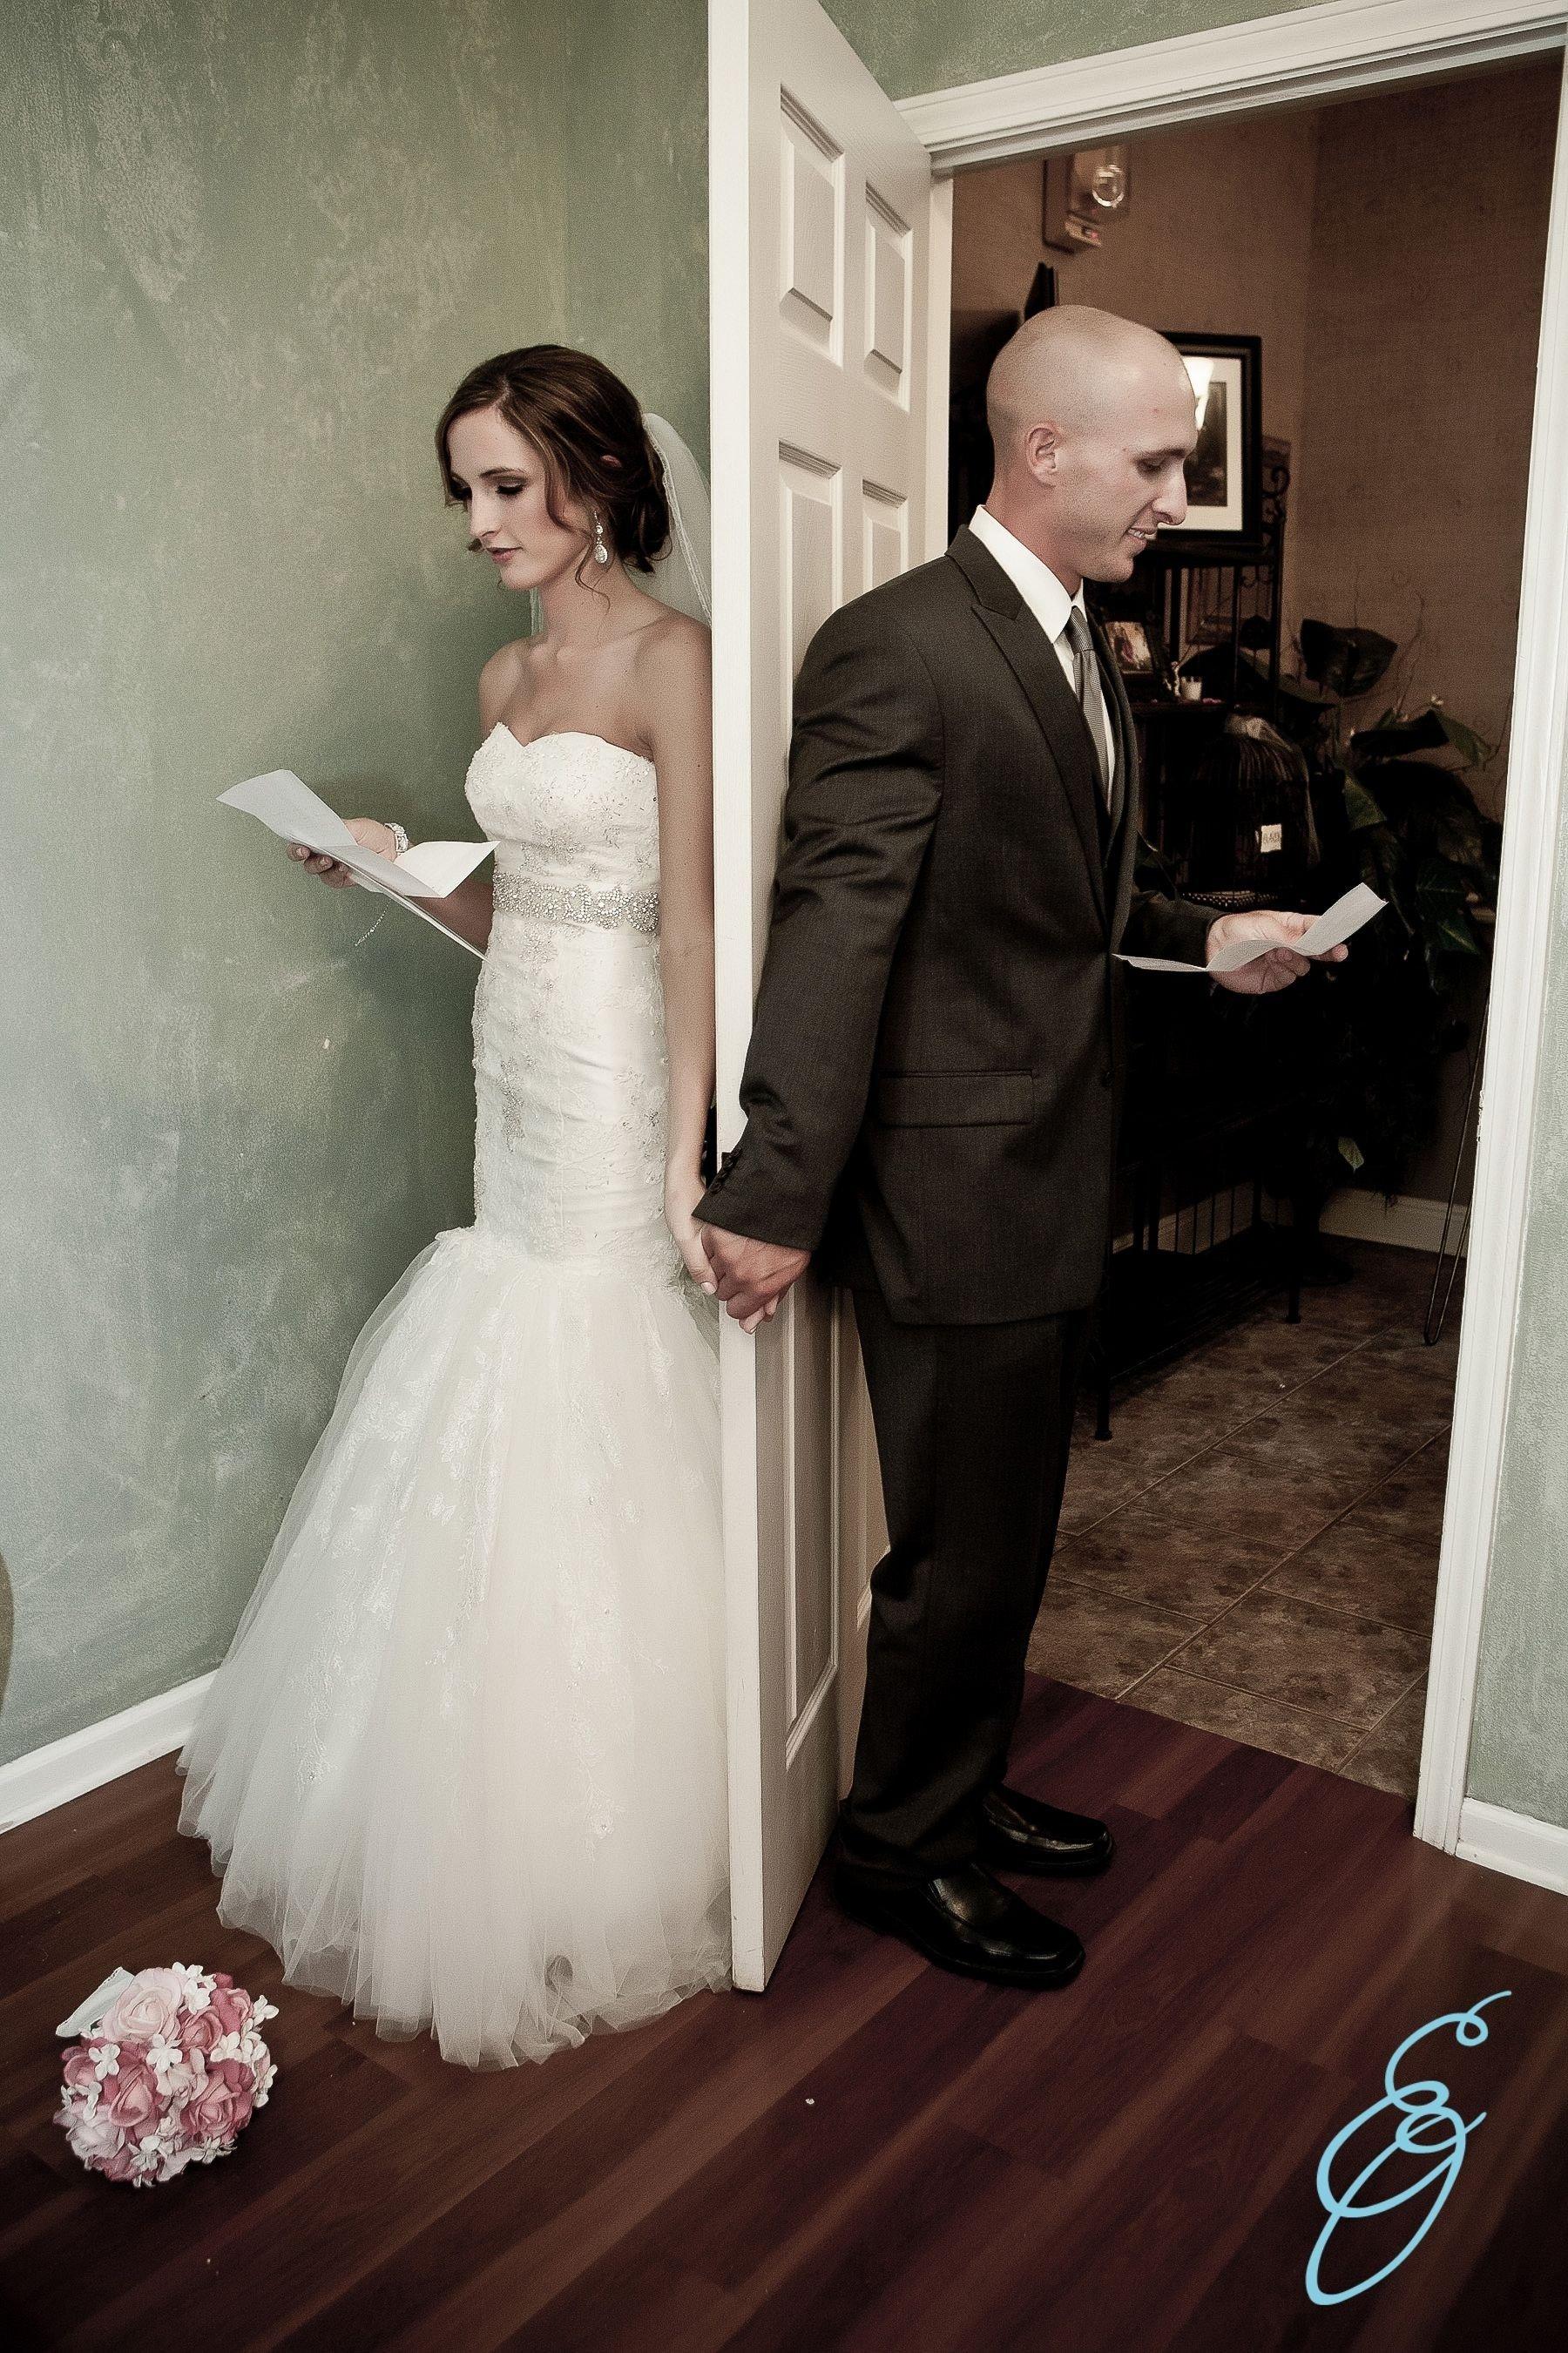 10 Trendy Bride And Groom Picture Ideas wedding photo bride groom door hold hands letter to bride groom 1